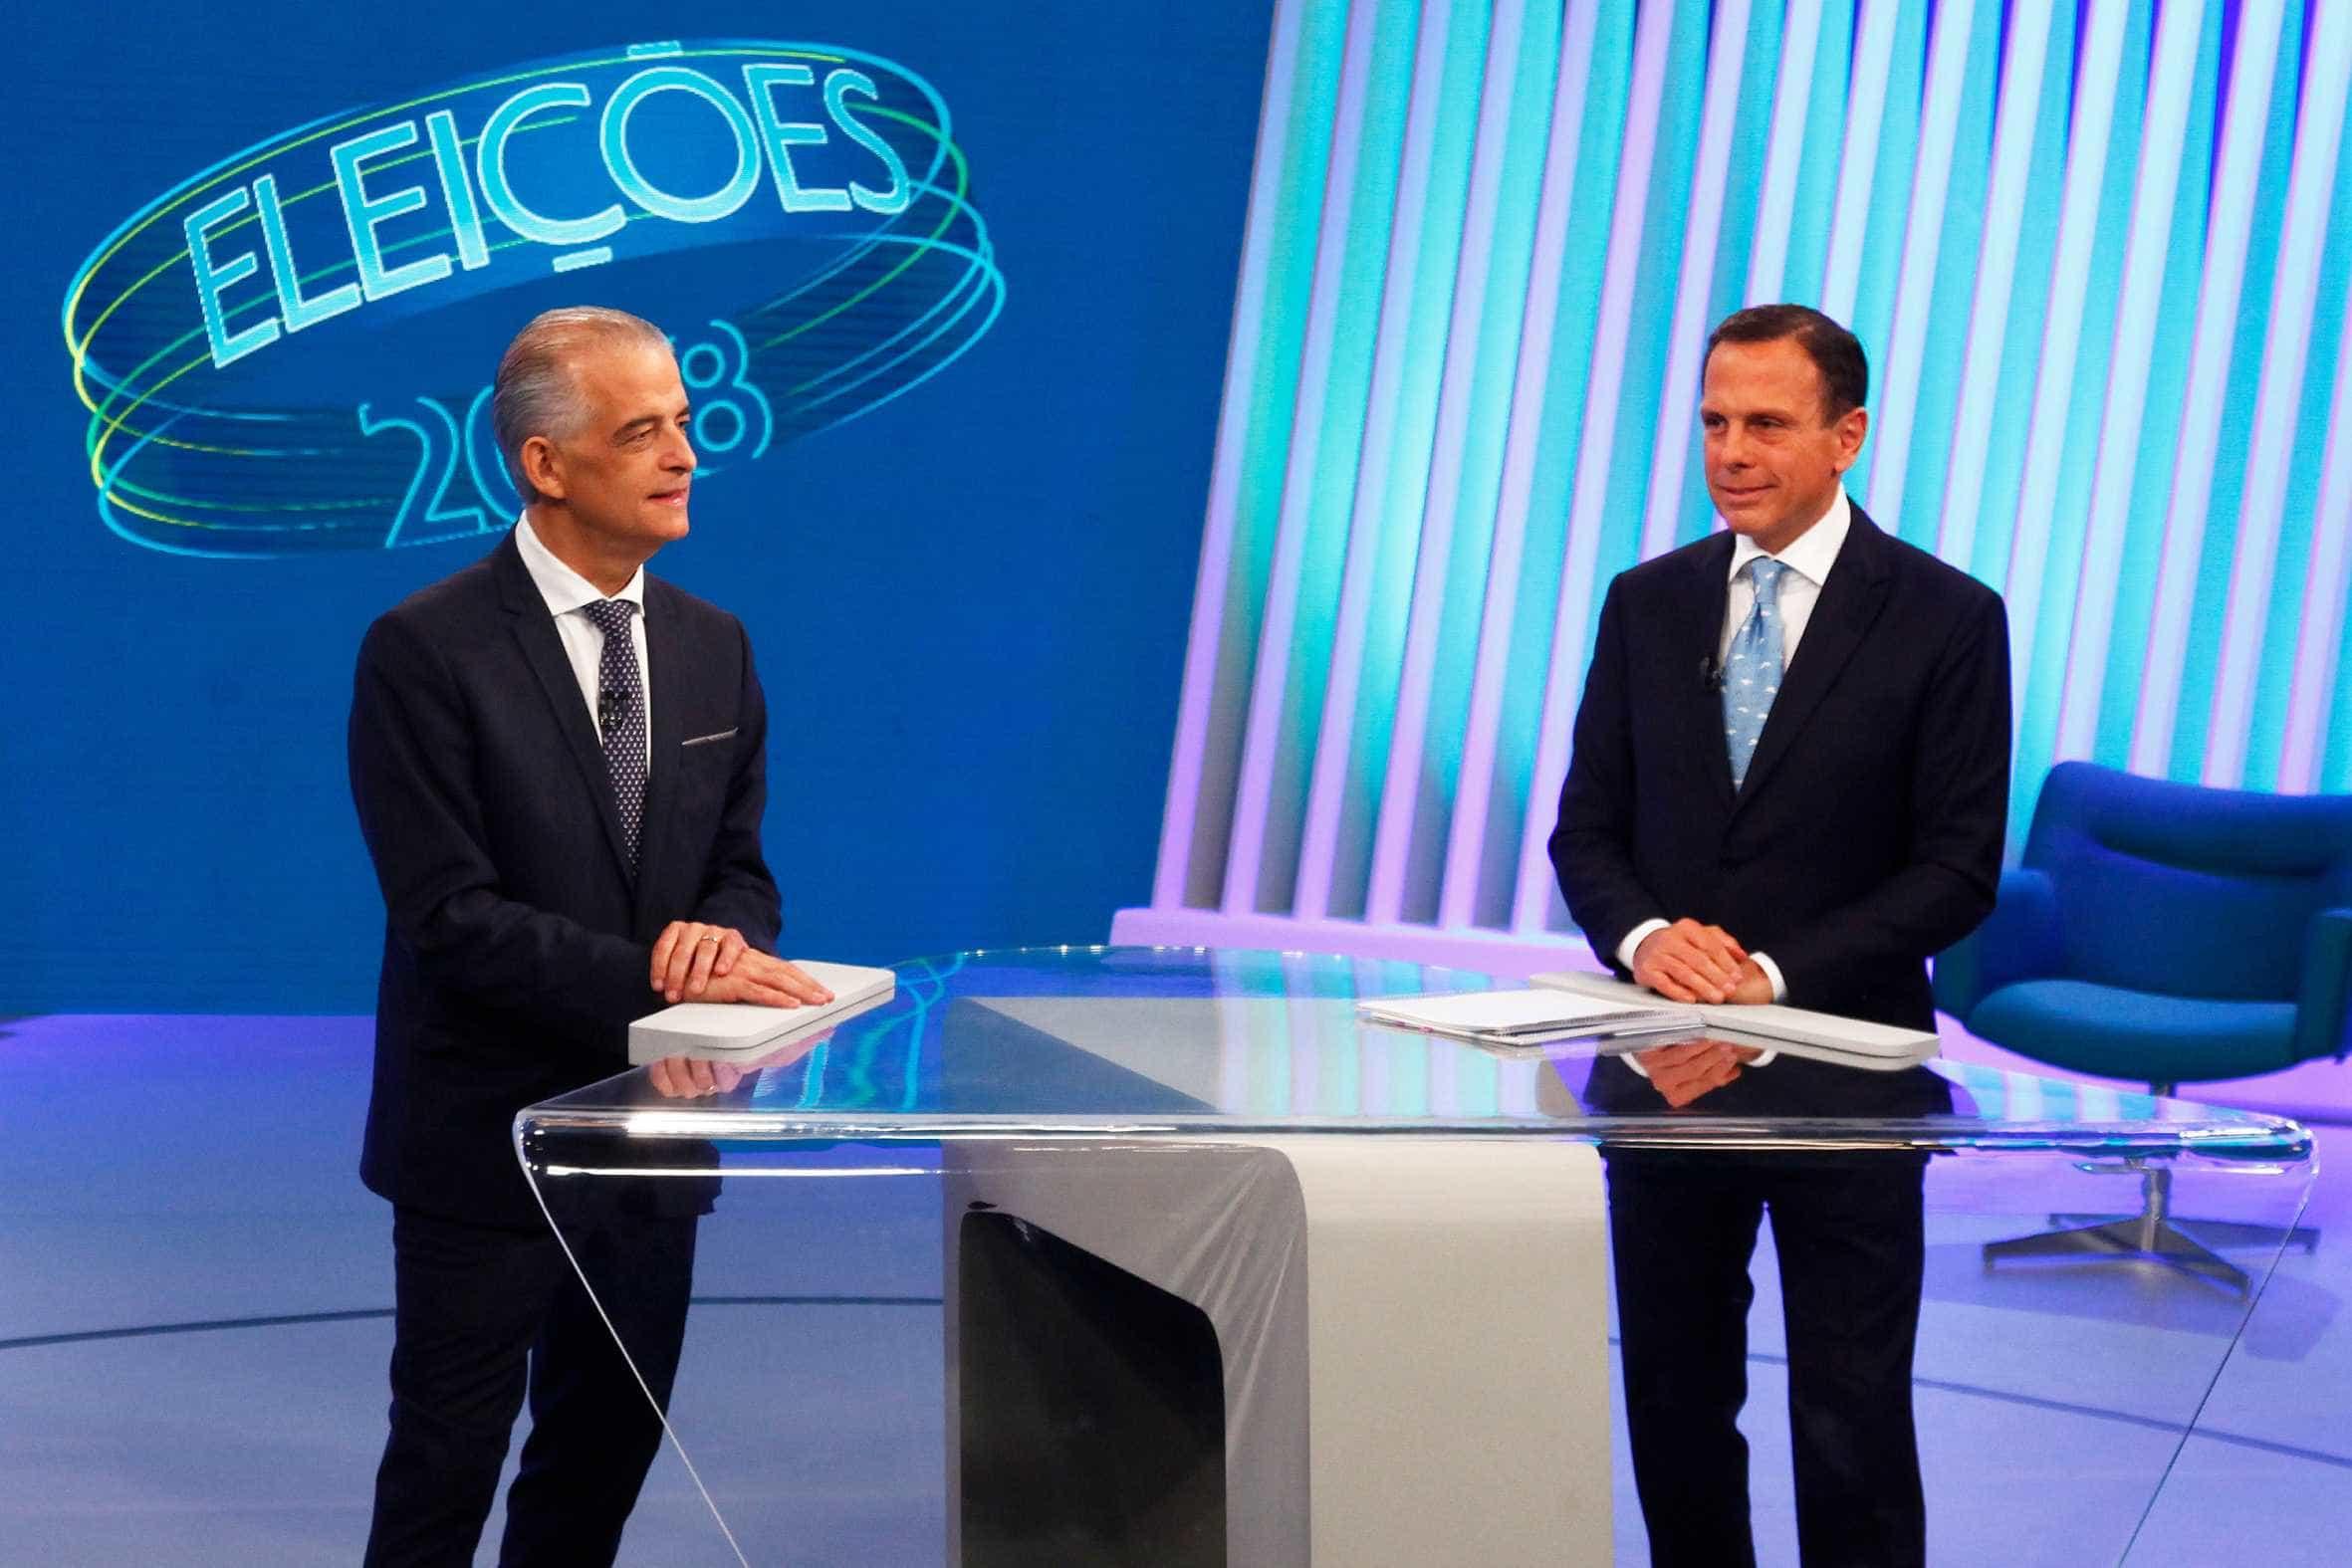 França vai a 51% dos votos válidos em SP e Doria cai para 49%